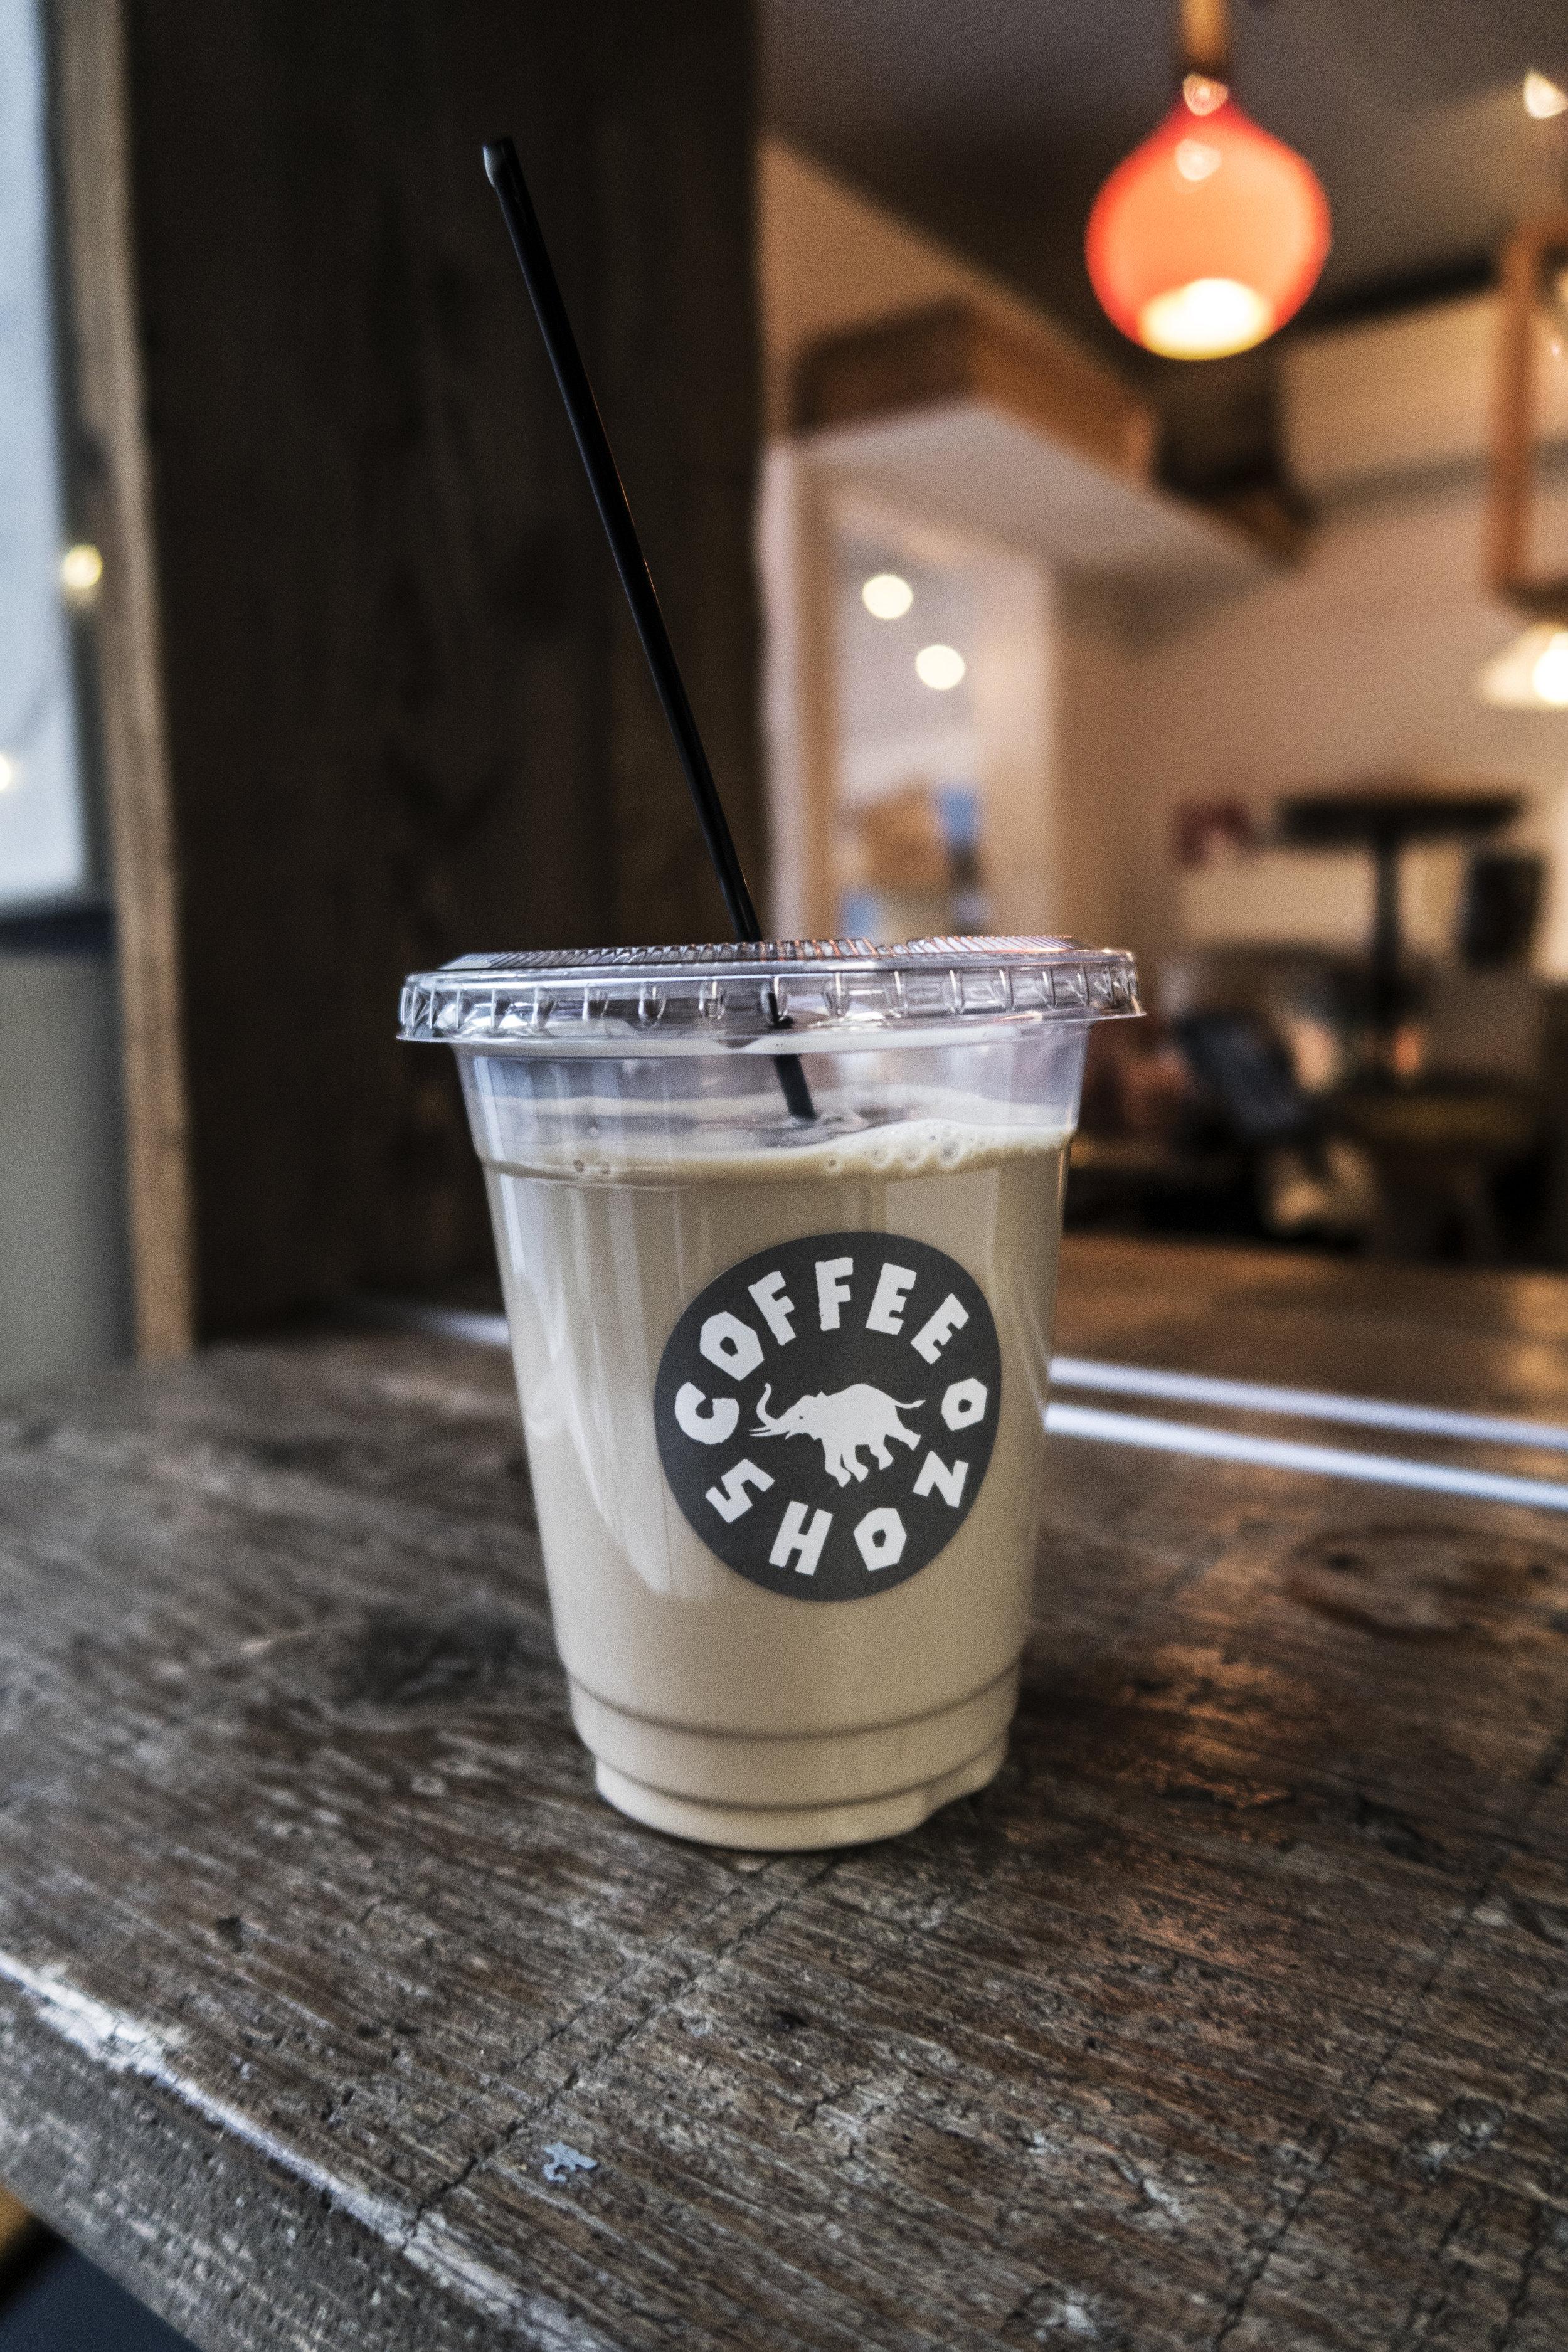 Shozo coffee house Harajuku iced latte